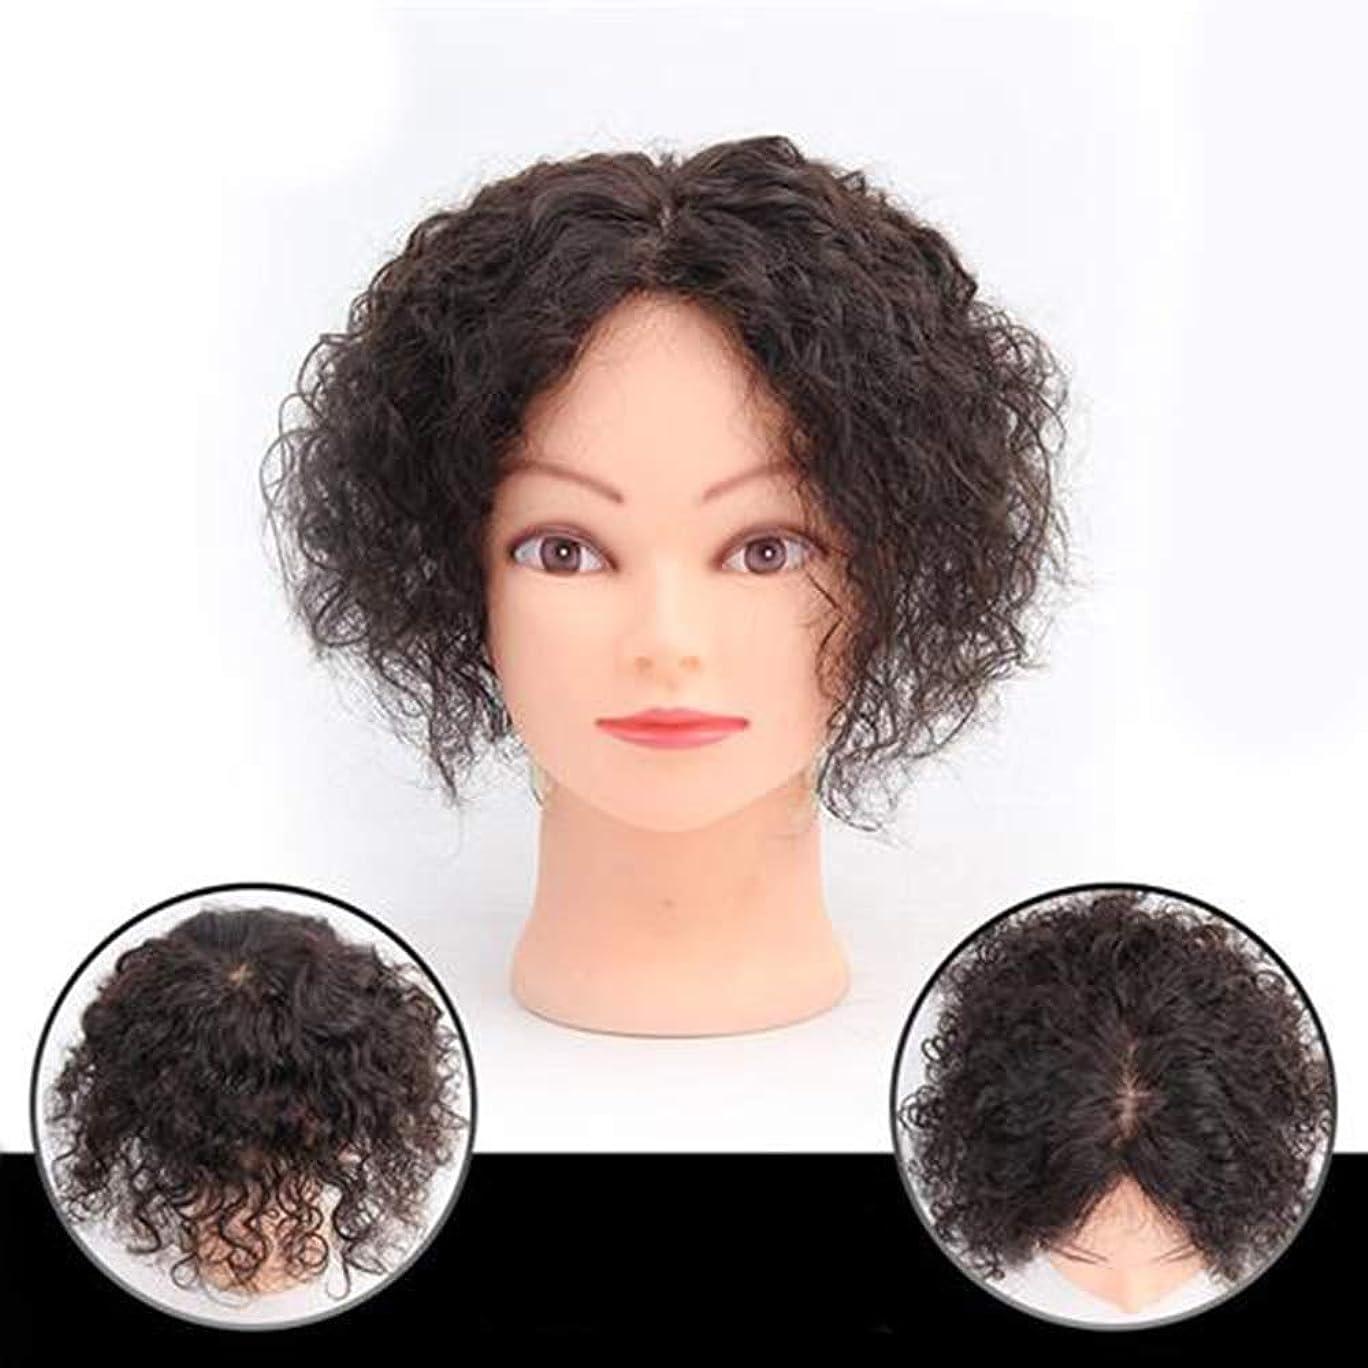 真鍮歯痛代数BOBIDYEE 女性の短い巻き毛ふわふわナチュラルかつらハンドニードルリアルヘアカバー白髪日常服ファッションウィッグ (色 : Natural color, サイズ : 30cm)